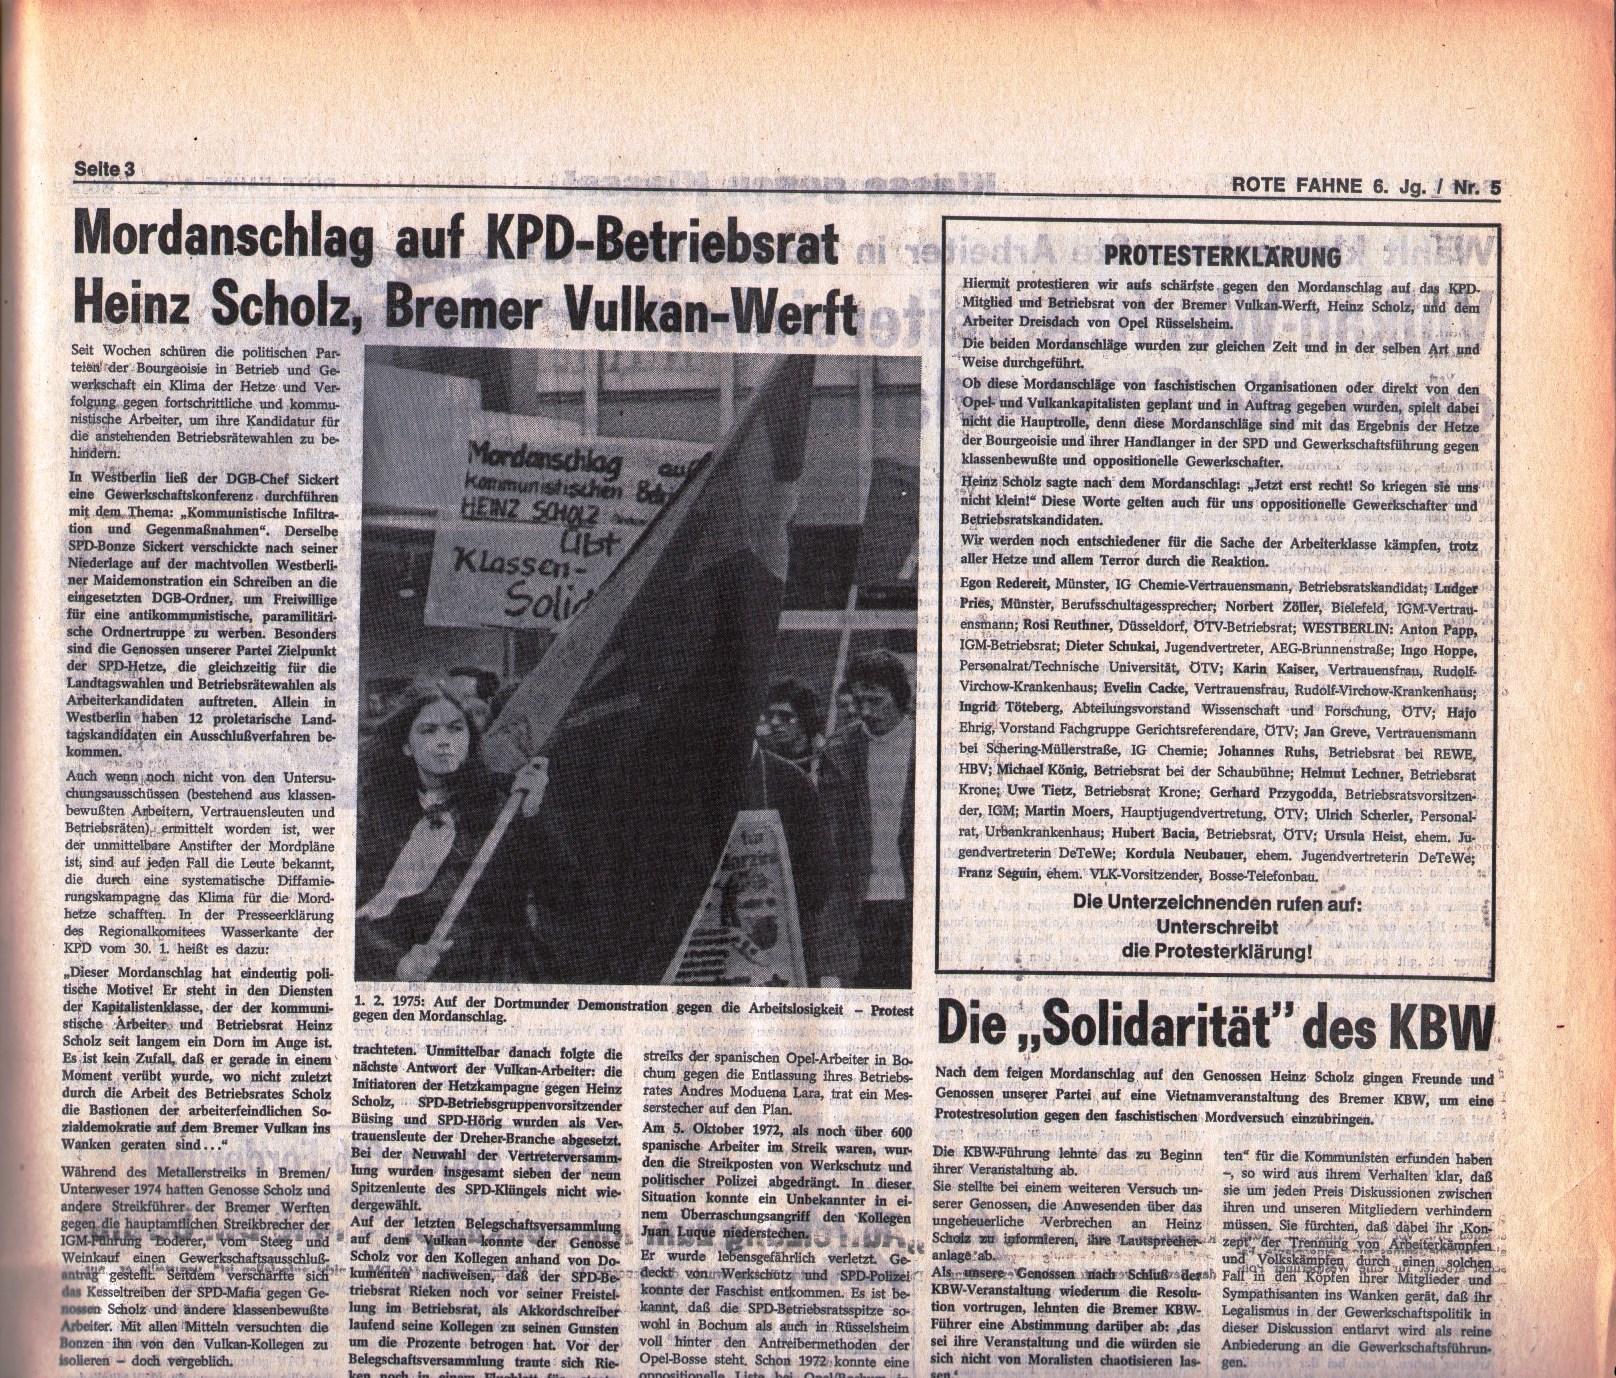 KPD_Rote_Fahne_1975_05_05